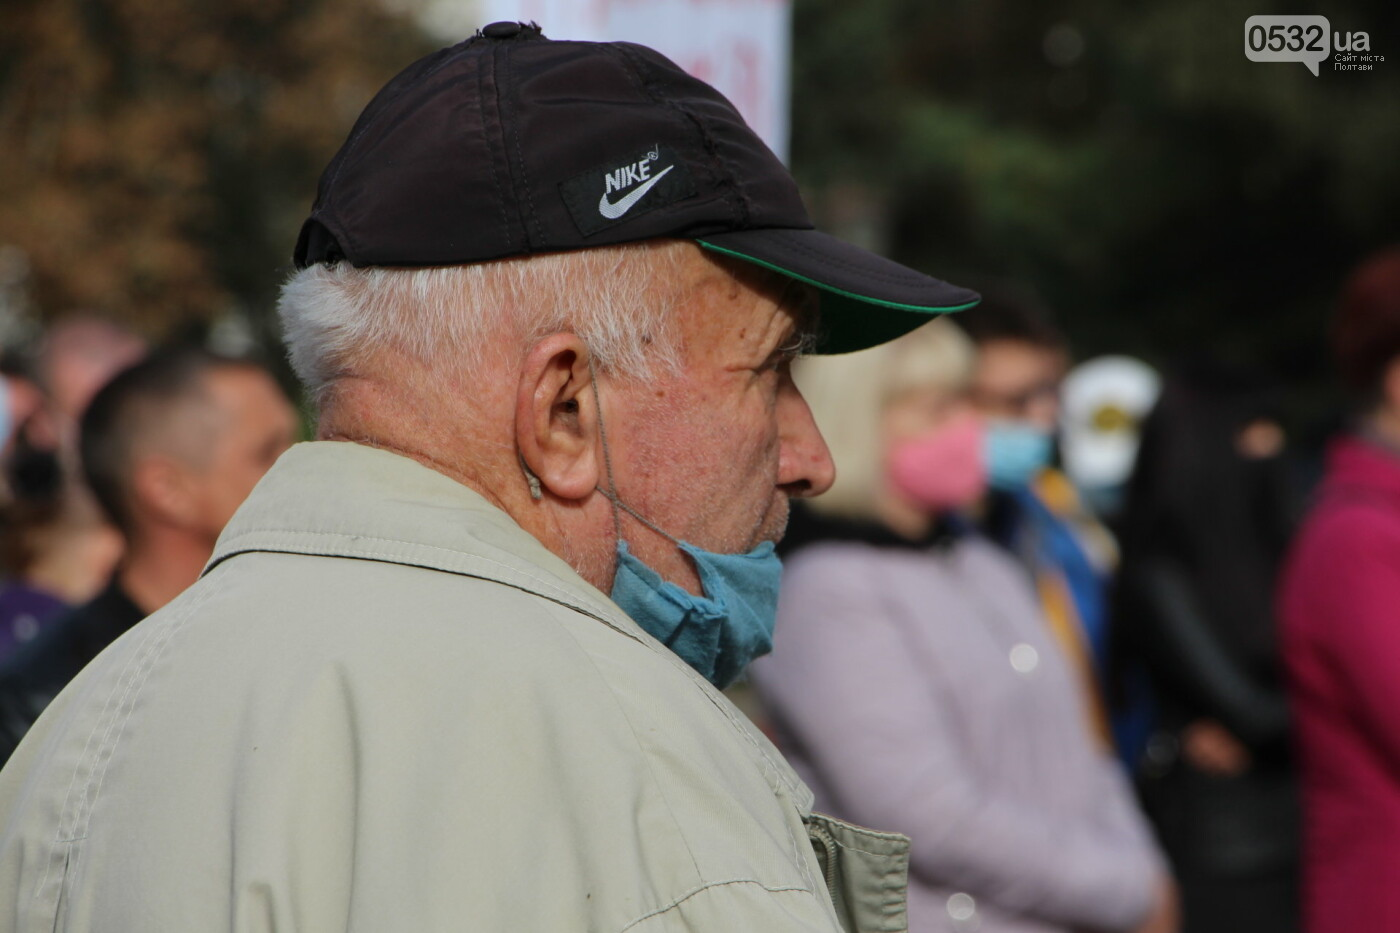 """Полтава вийшла проти """"червоної"""" зони: скільки людей і чого вимагають (ФОТОРЕПОРТАЖ), фото-6"""